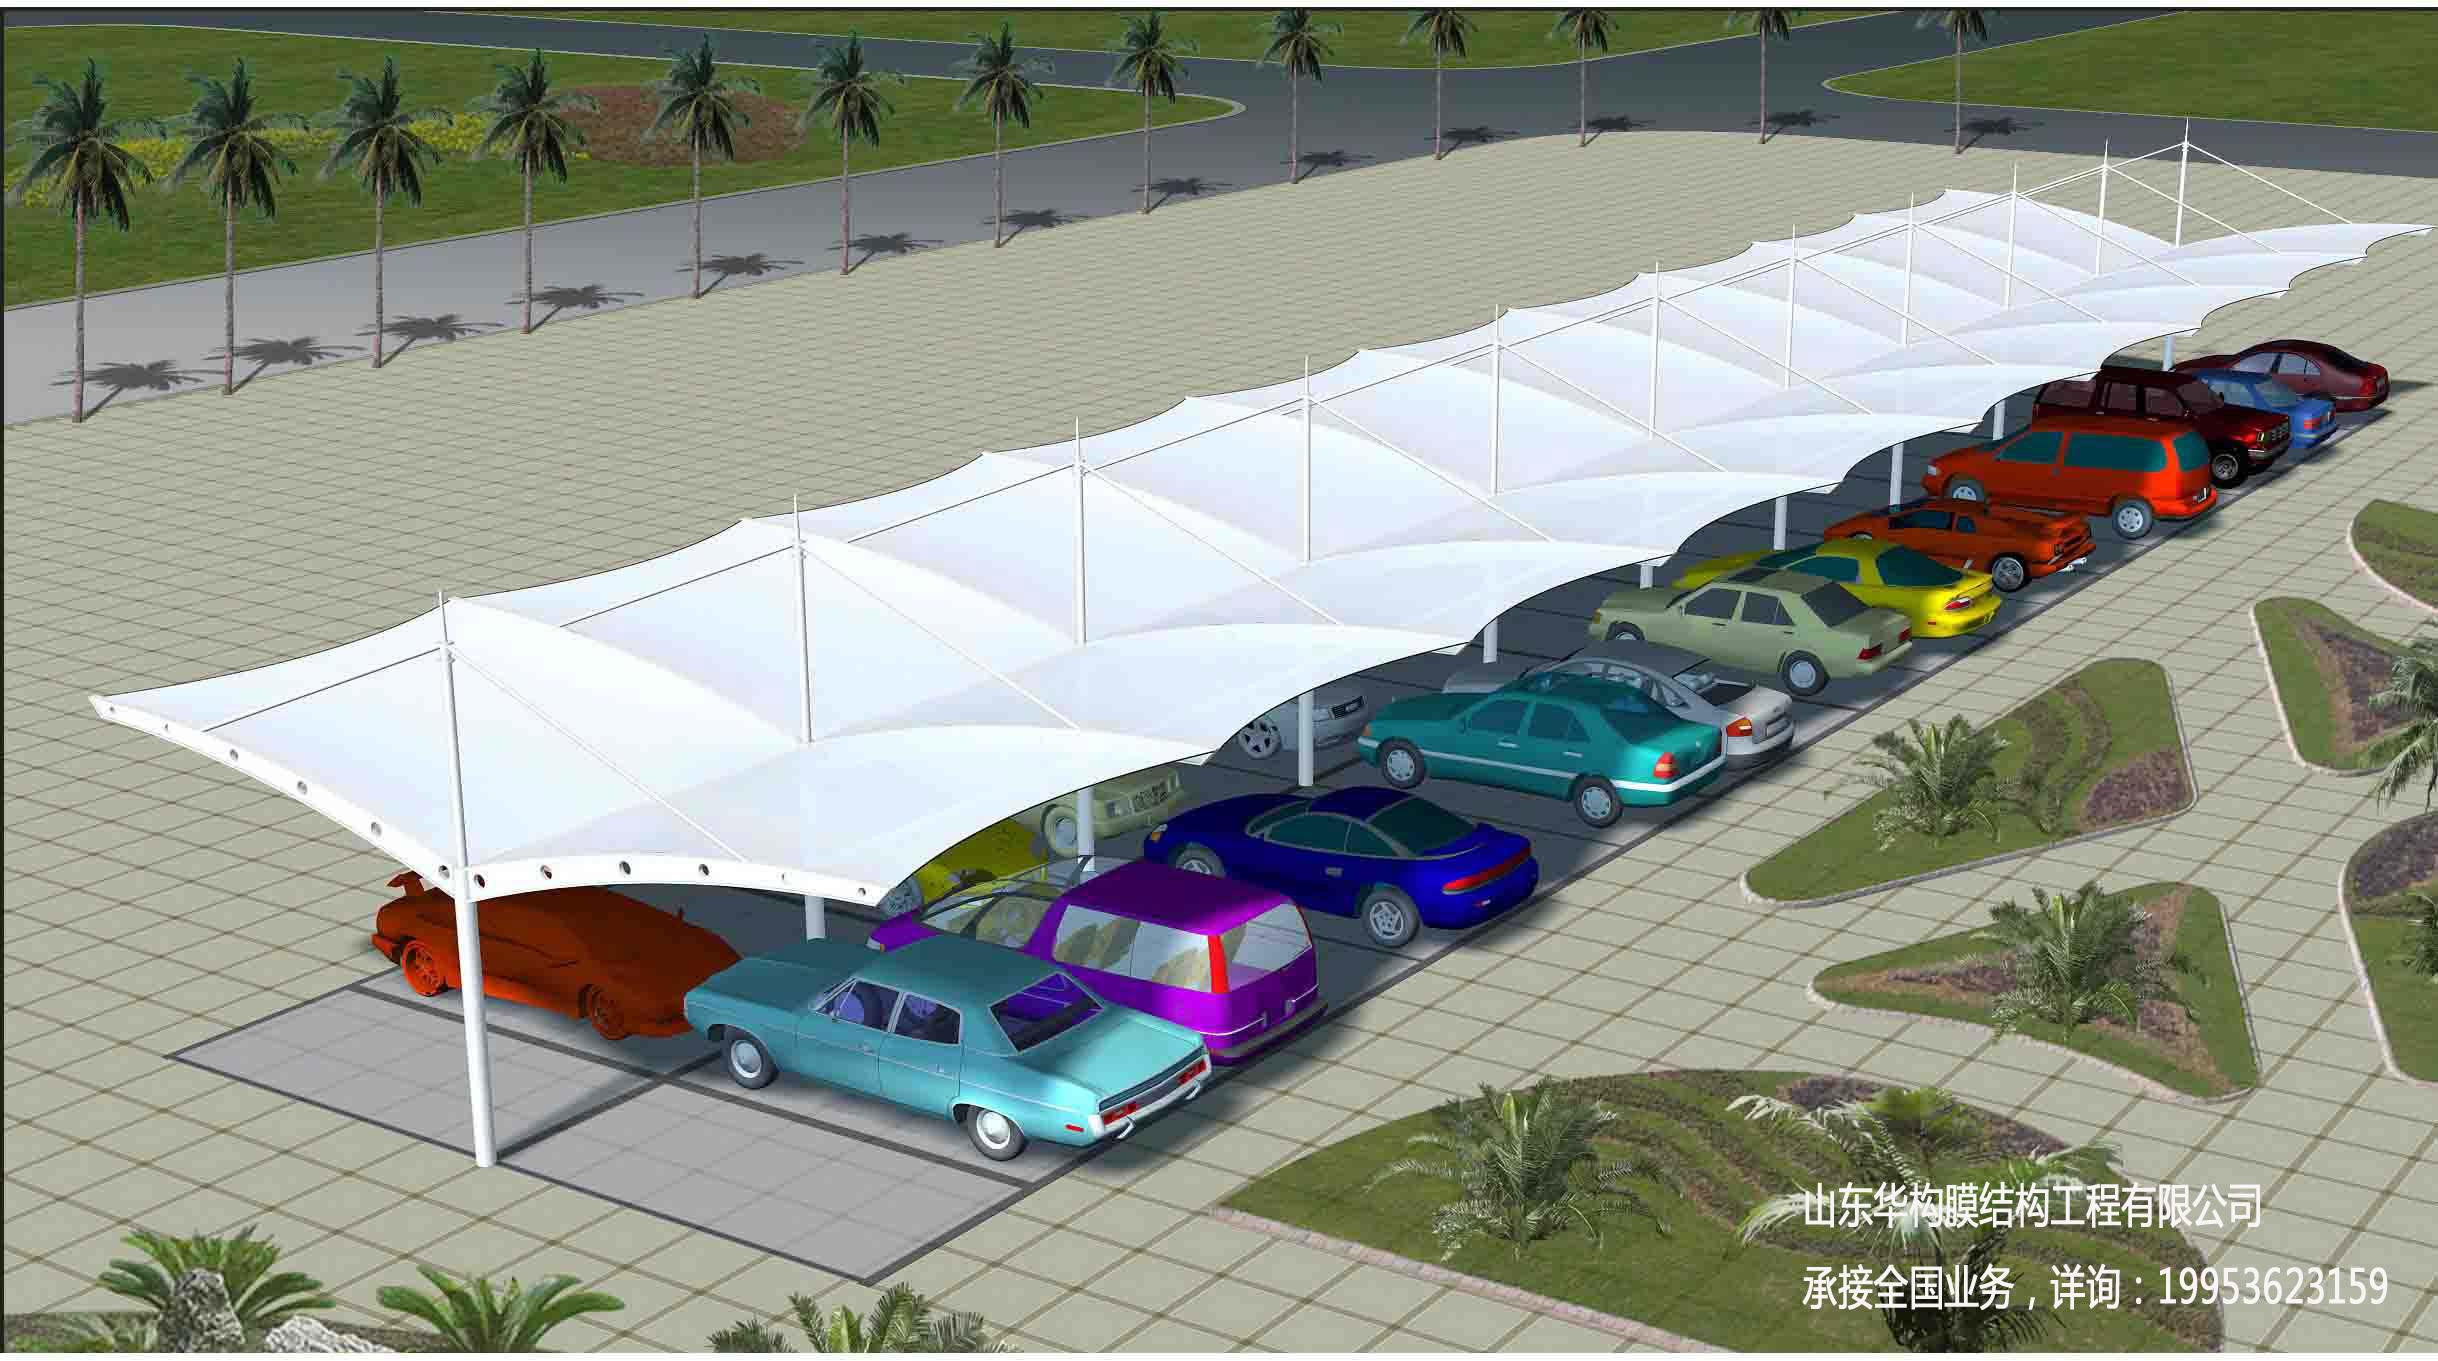 膜结构停车棚景观棚张拉膜看台遮阳棚优点